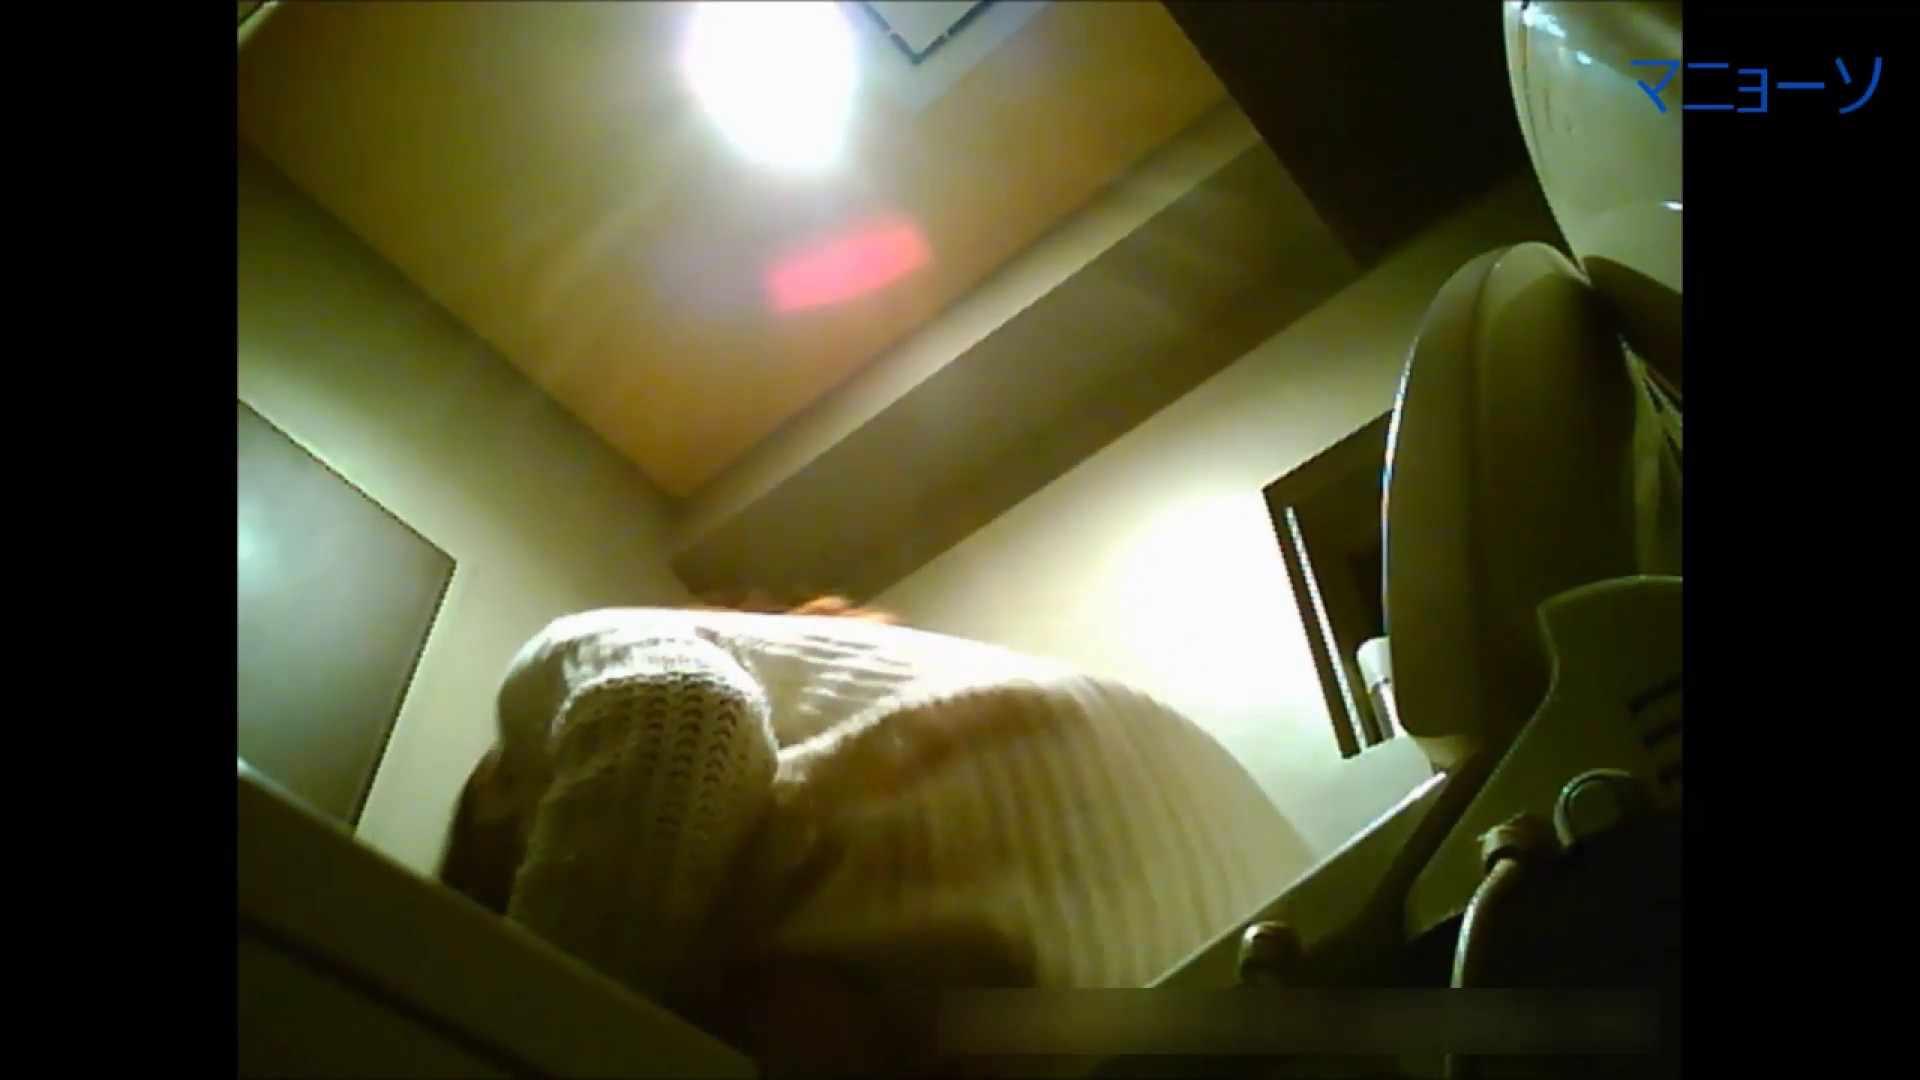 トイレでひと肌脱いでもらいました (JD編)Vol.01 OL  93pic 89